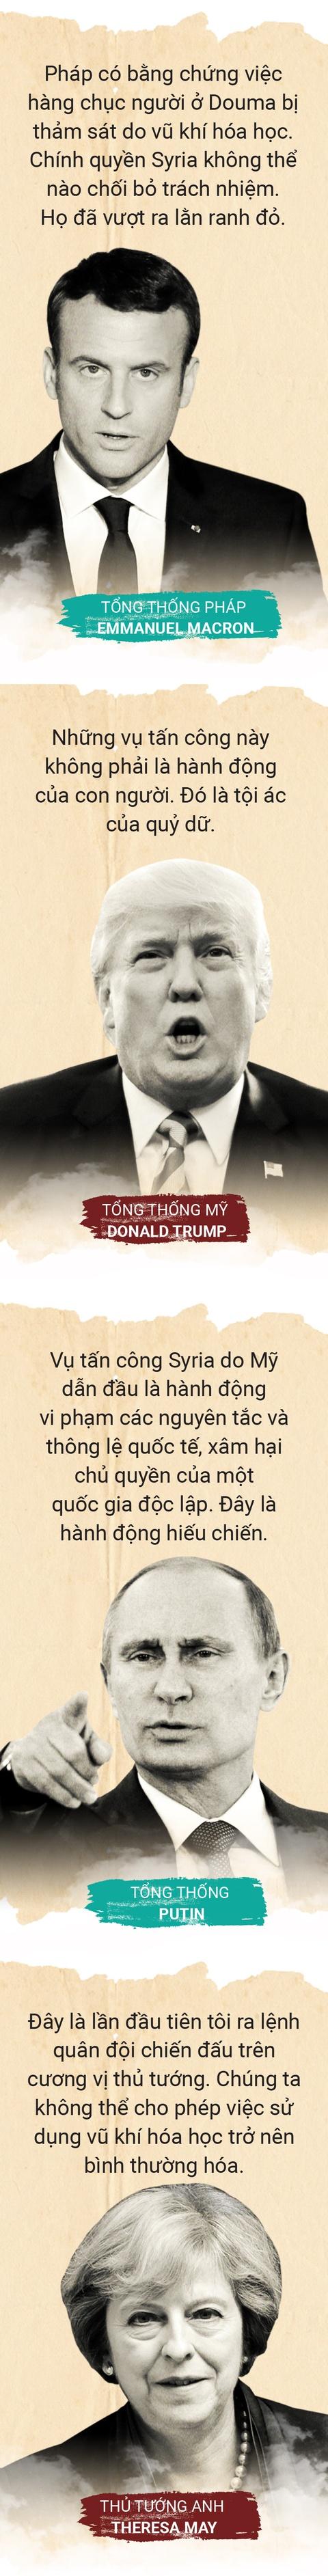 Noi chien Syria: Ban co dau tri giua cac cuong quoc hinh anh 10